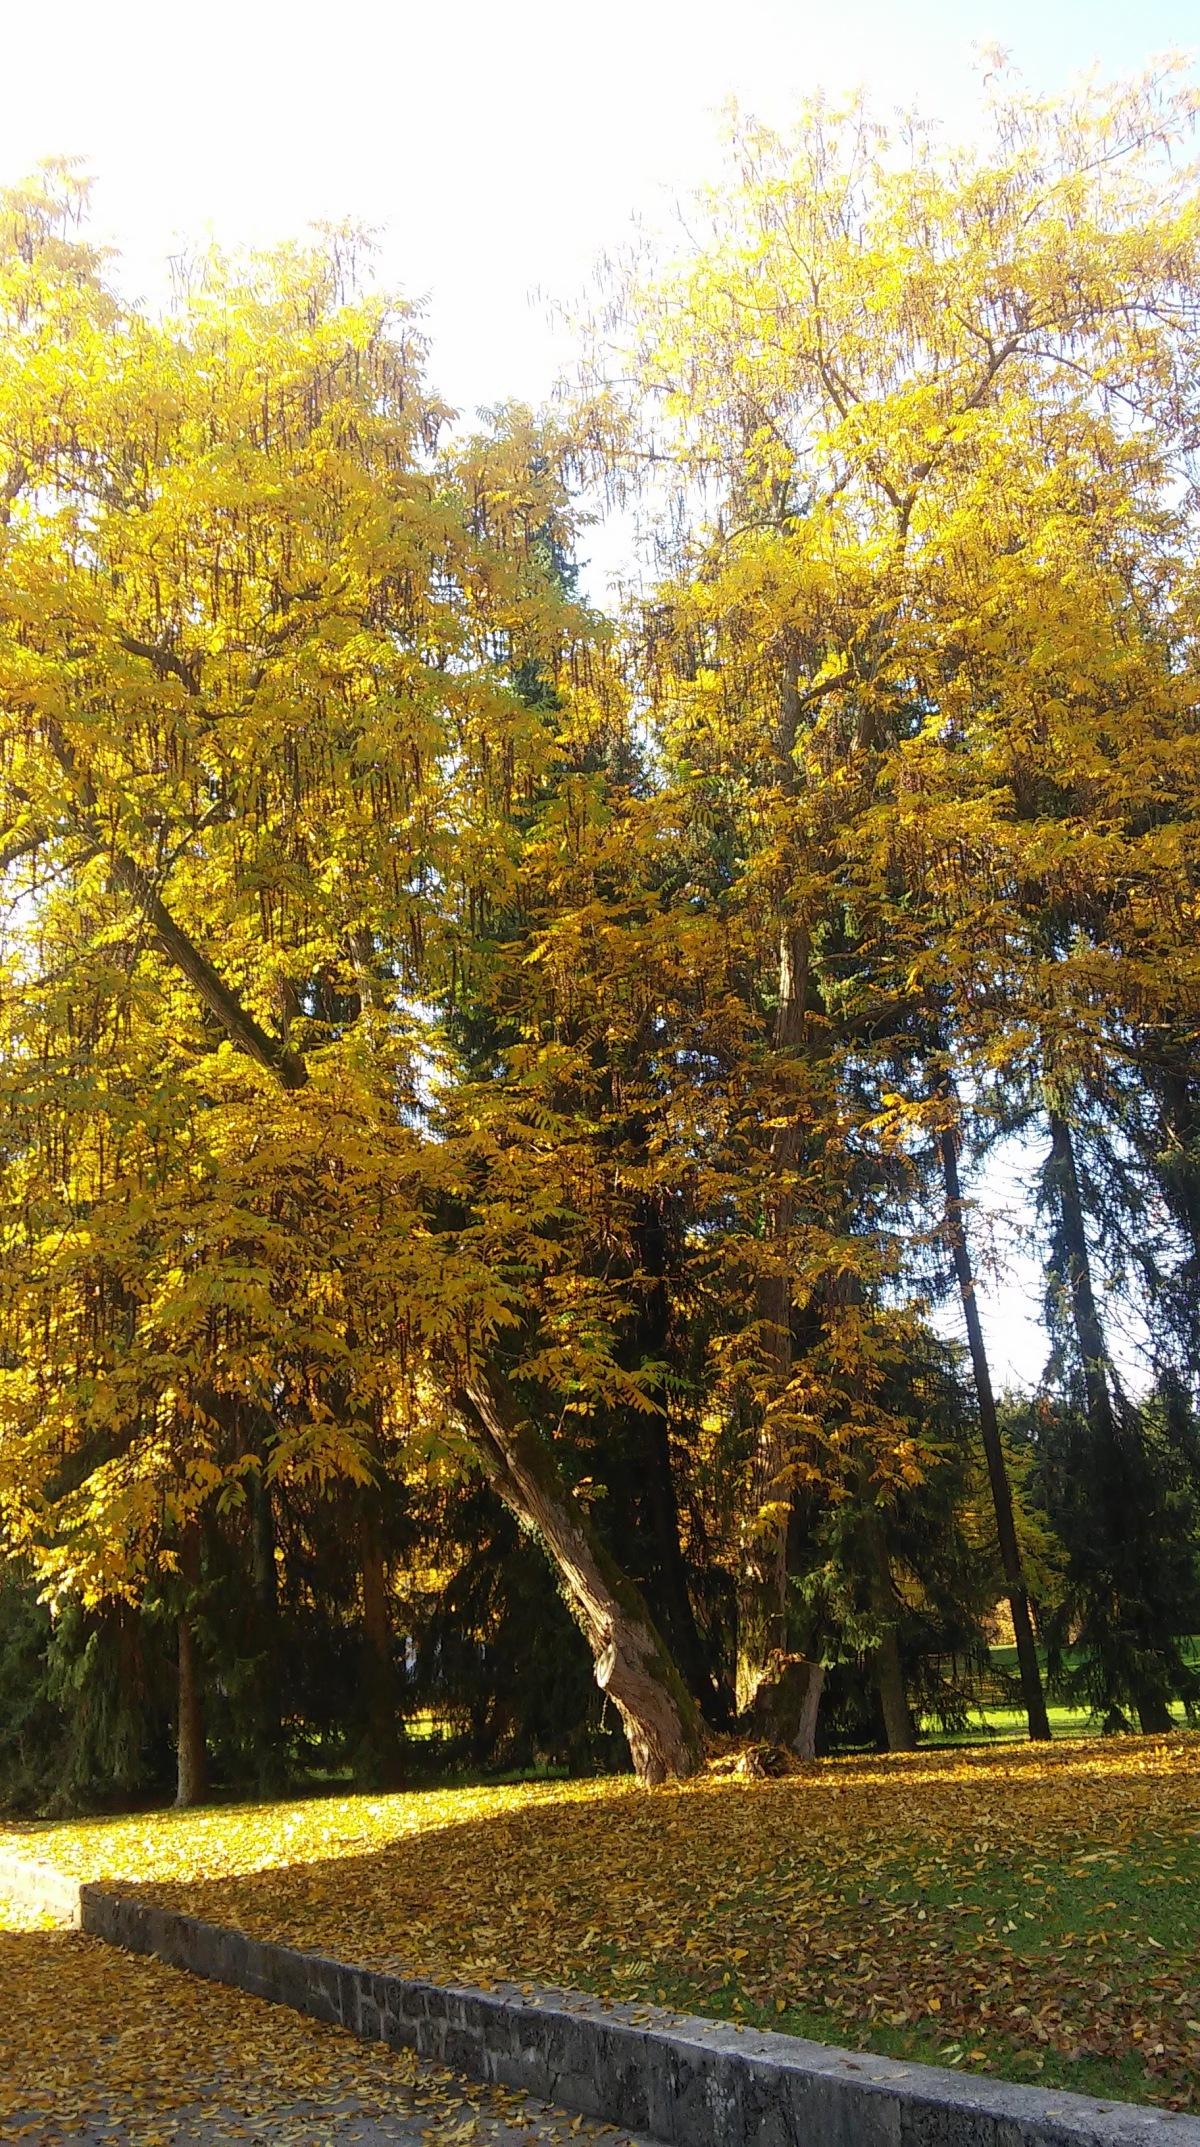 Čarobna jesen v parku Brdo2015